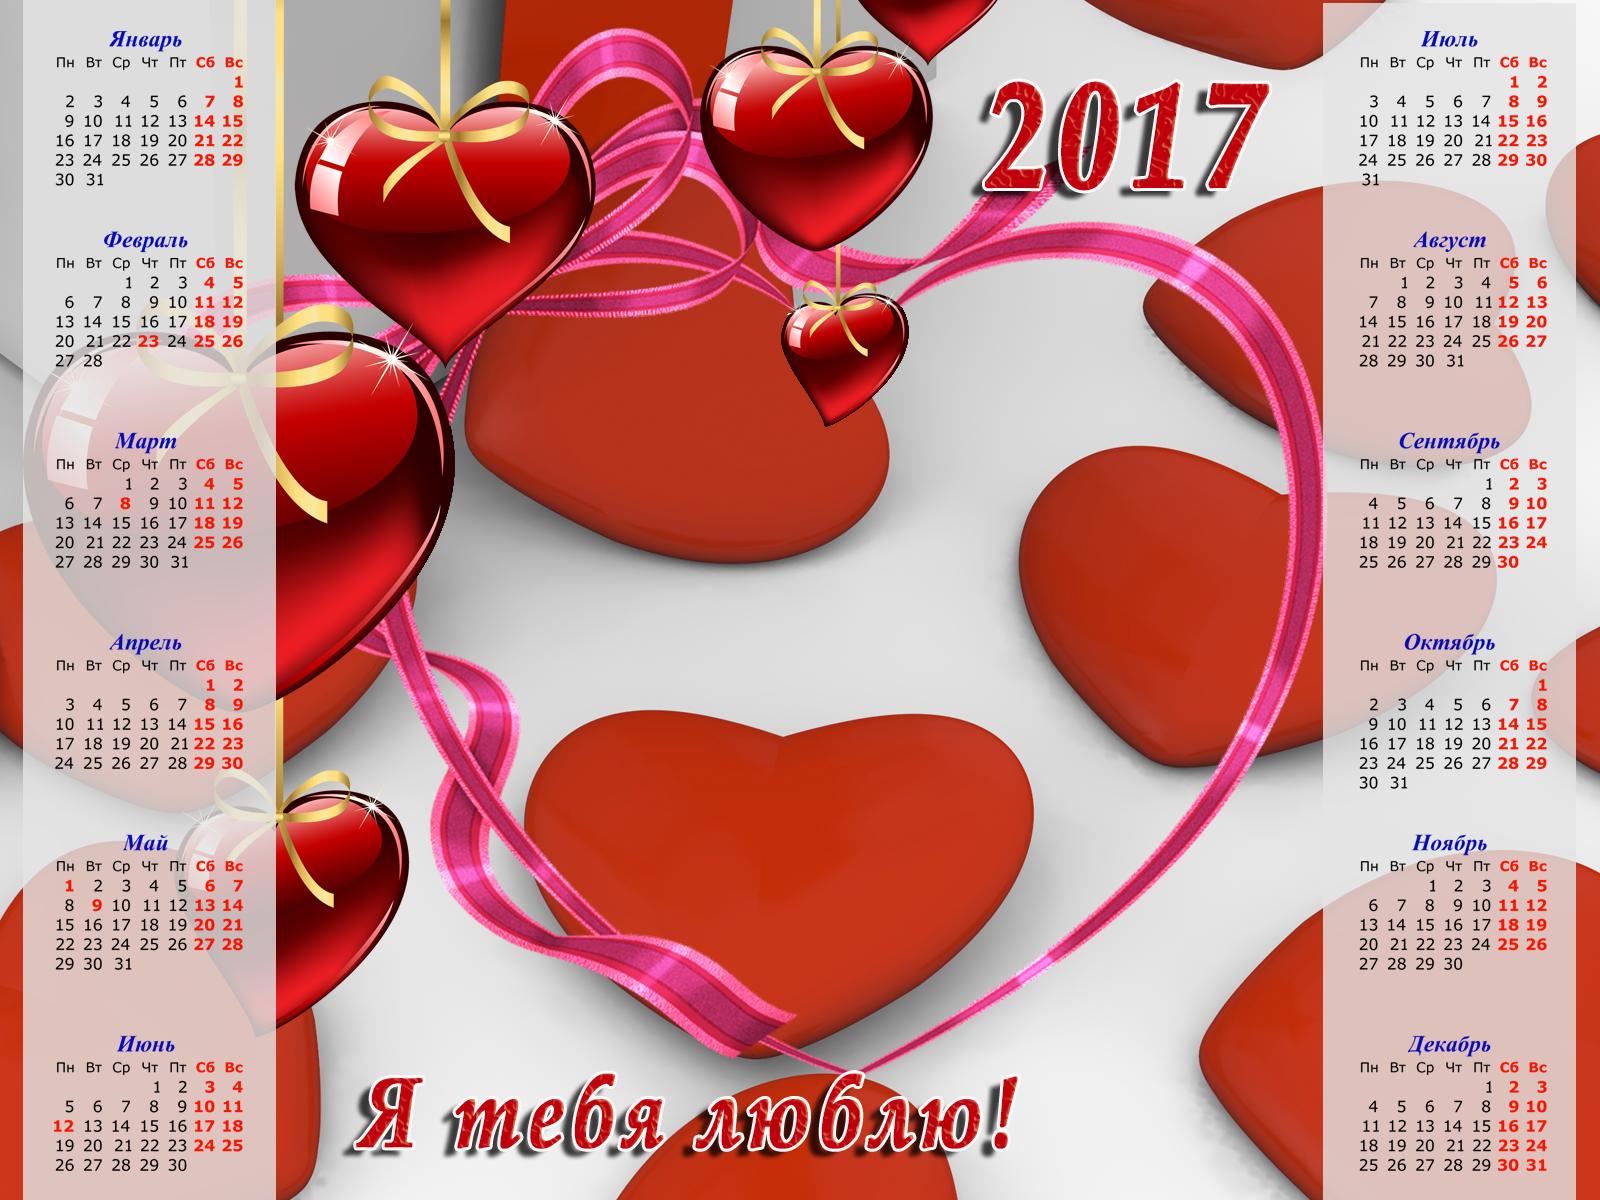 Фоторамка Календарь 2017 для влюбленных Фоторамка для фотошопа, PNG шаблон. Календарь на 2017 год с рамкой в виде сердца. Красные сердца, ленты, надпись